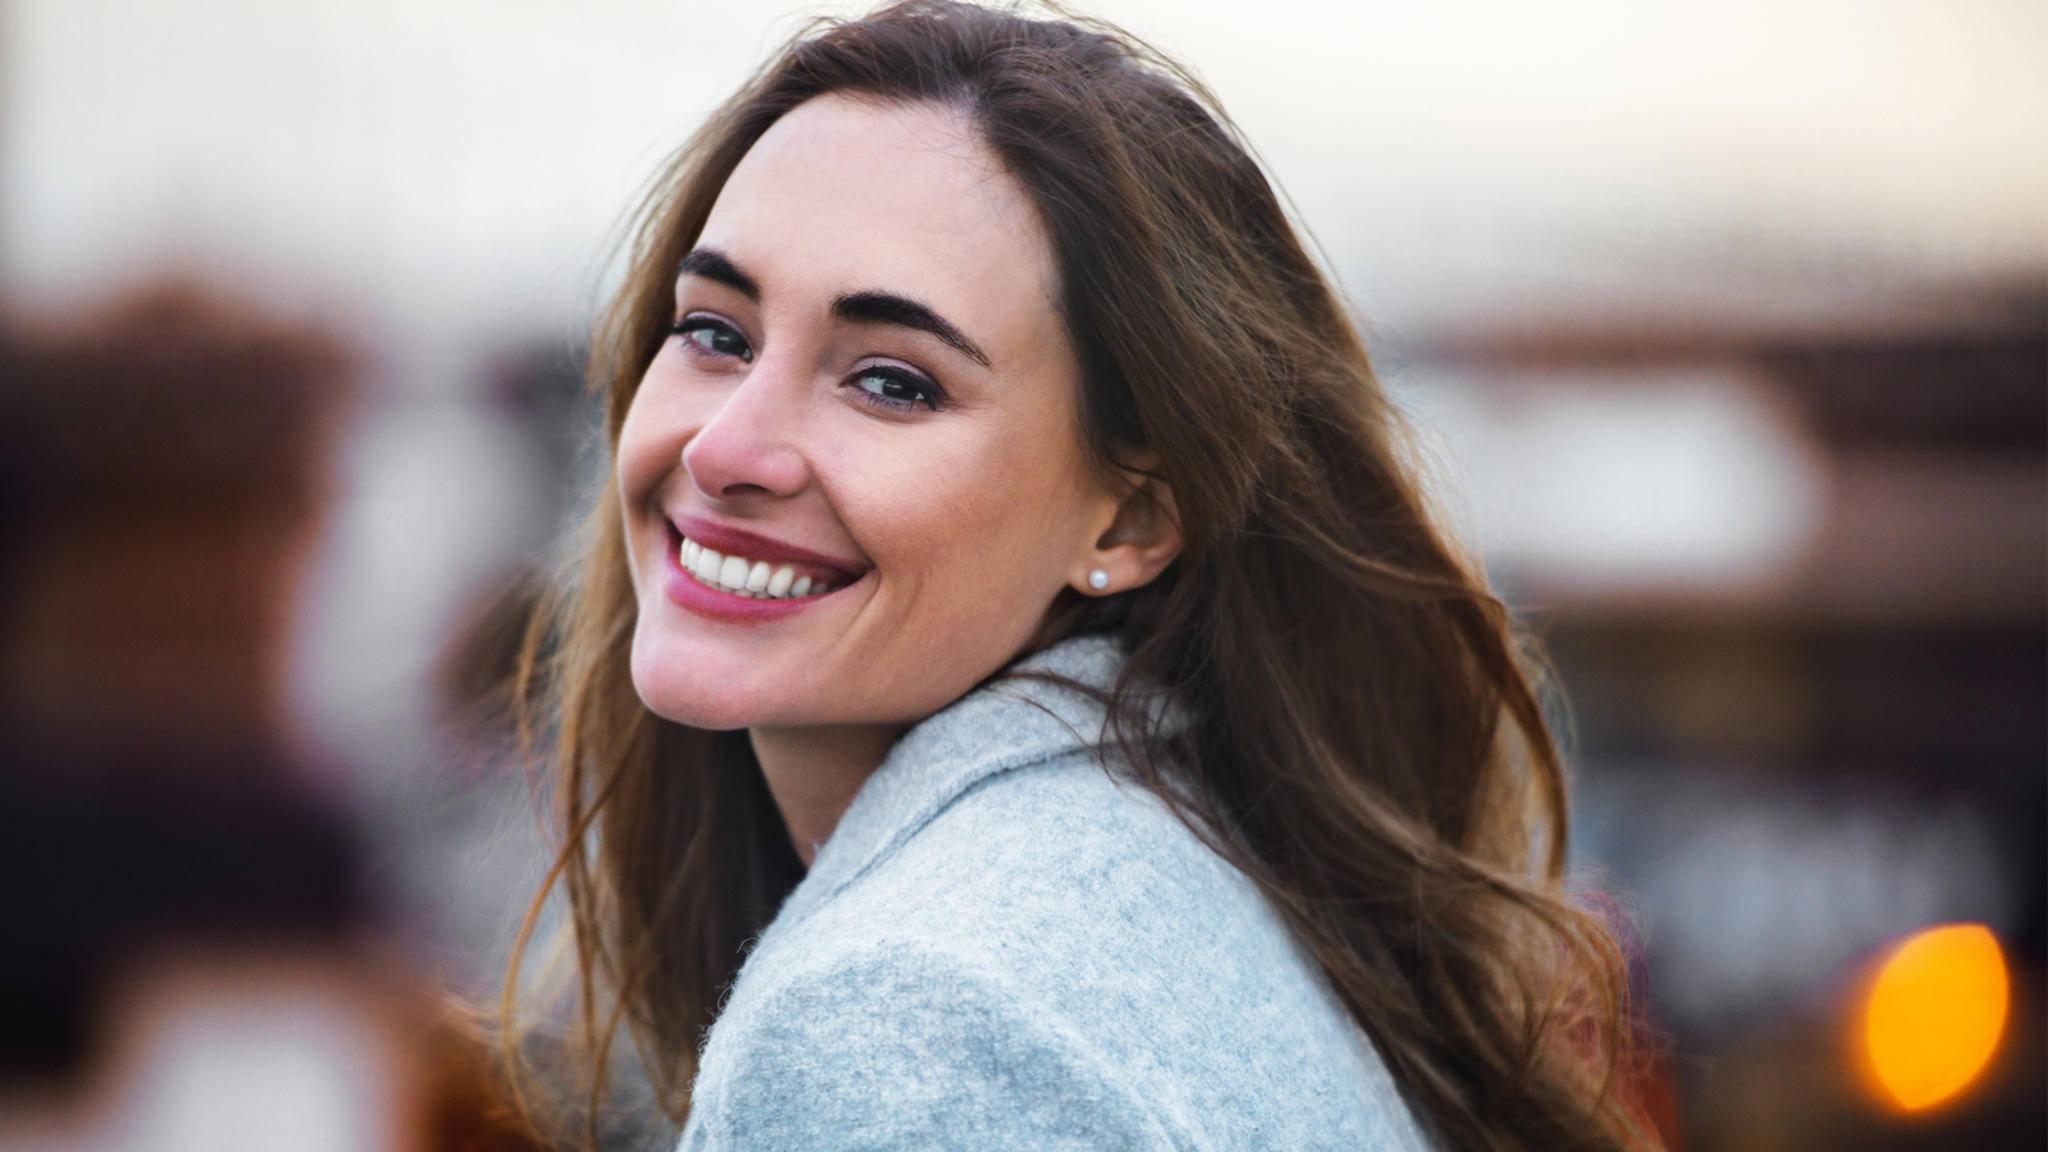 Ein strahlendes Lächeln gehört zu den sichersten Tipps, die Dich sofort attraktiver wirken lassen.